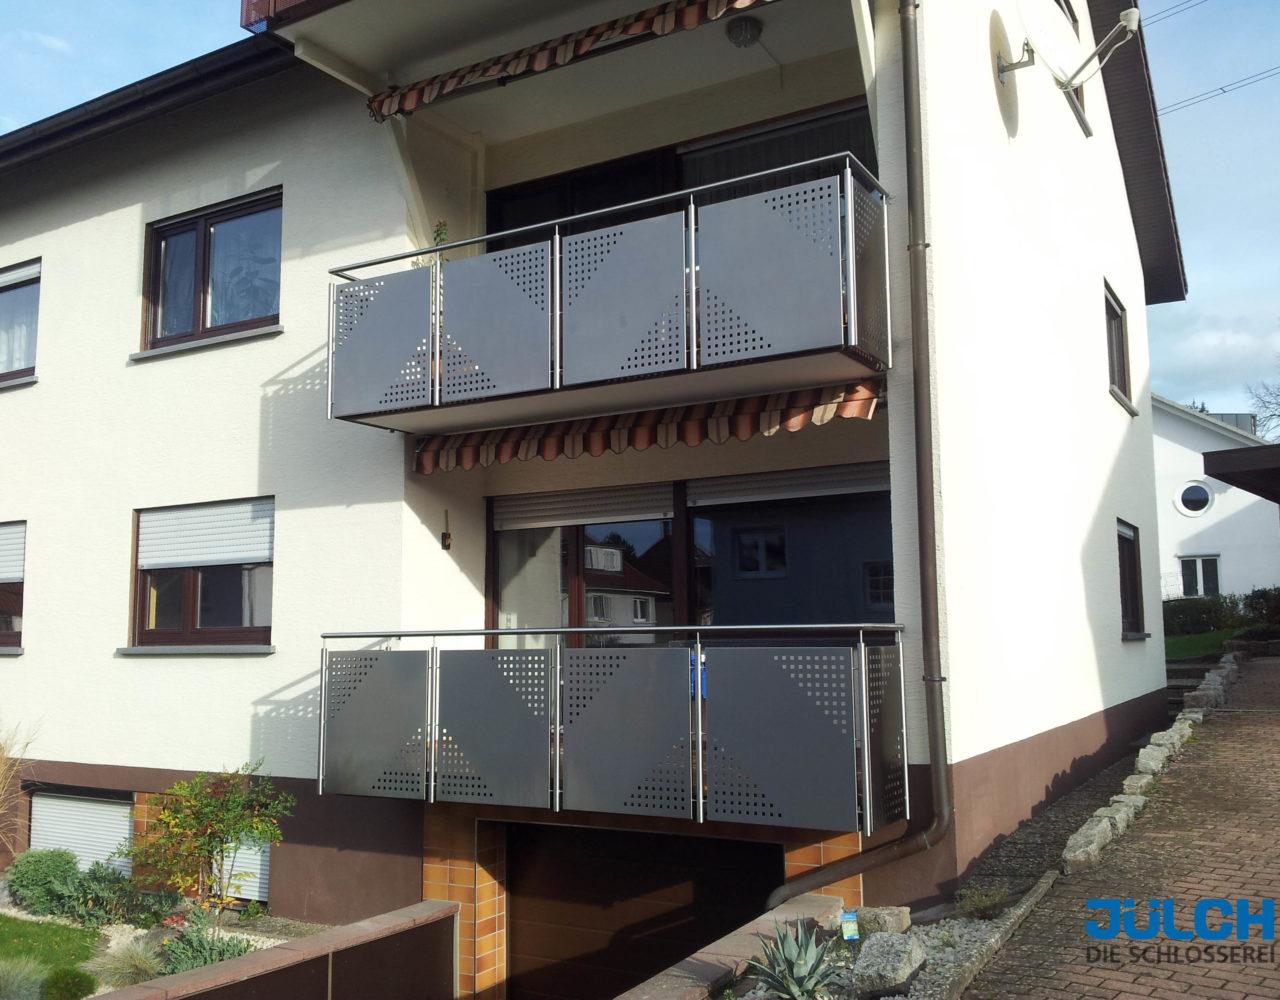 Balkon Lochblech, teillochung Edelstahl